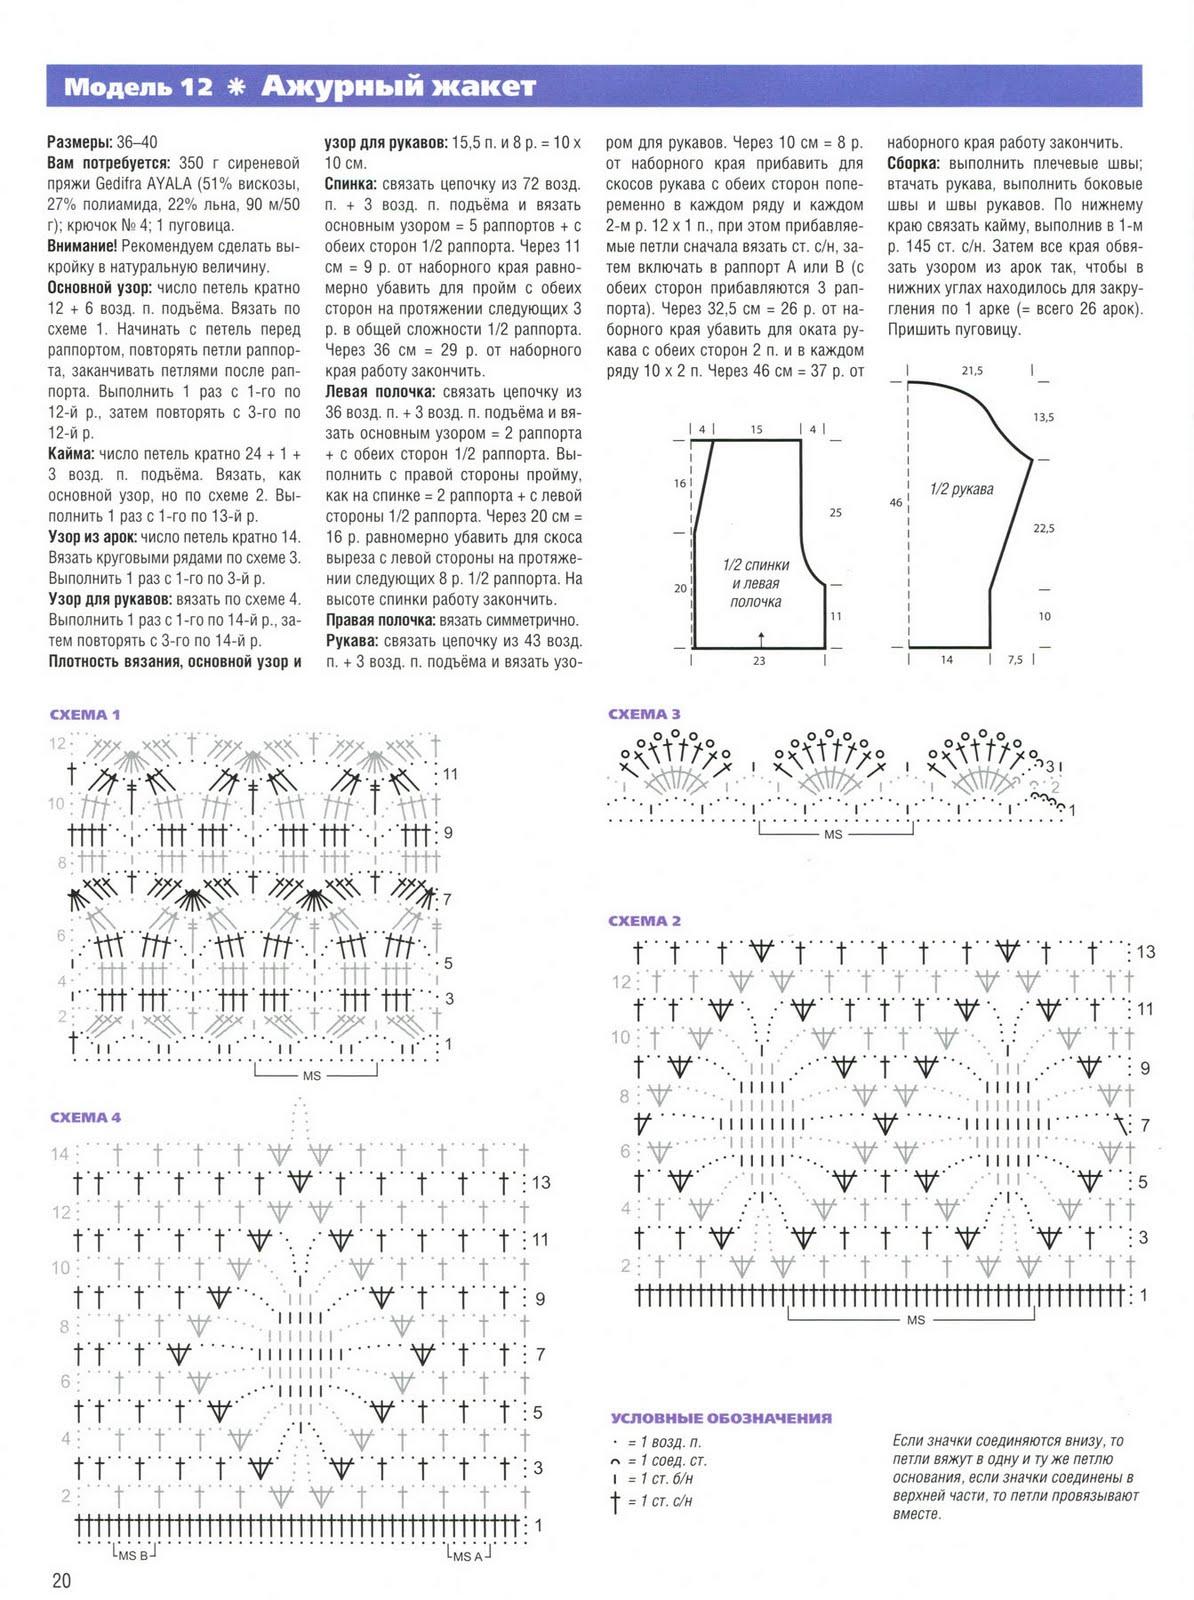 Ажурные жакеты вязанные спицами со схемами